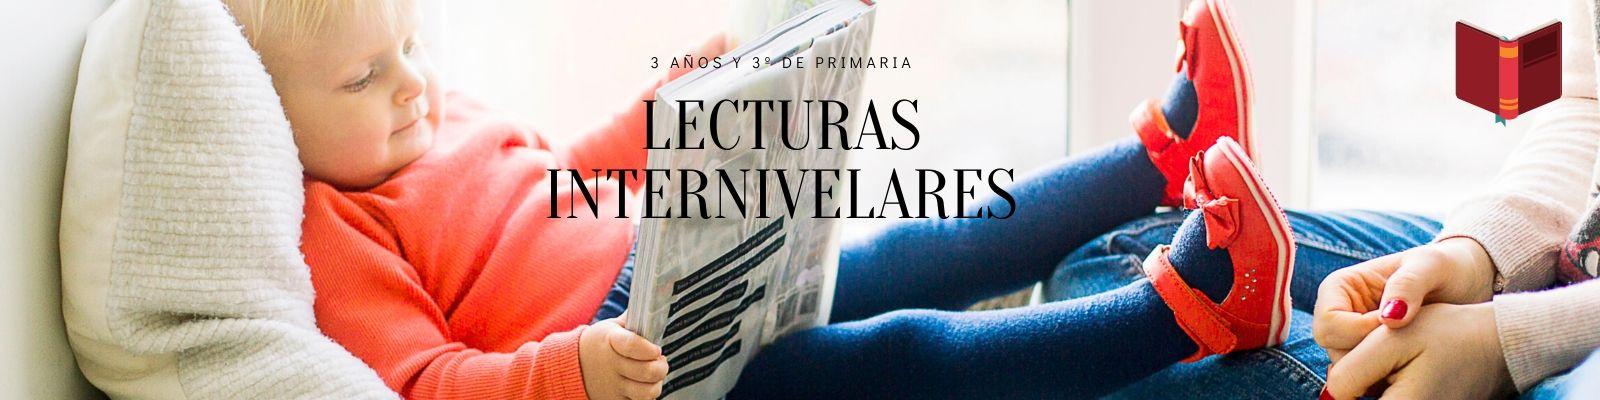 Lecturas Internivelares 3 años y 3º